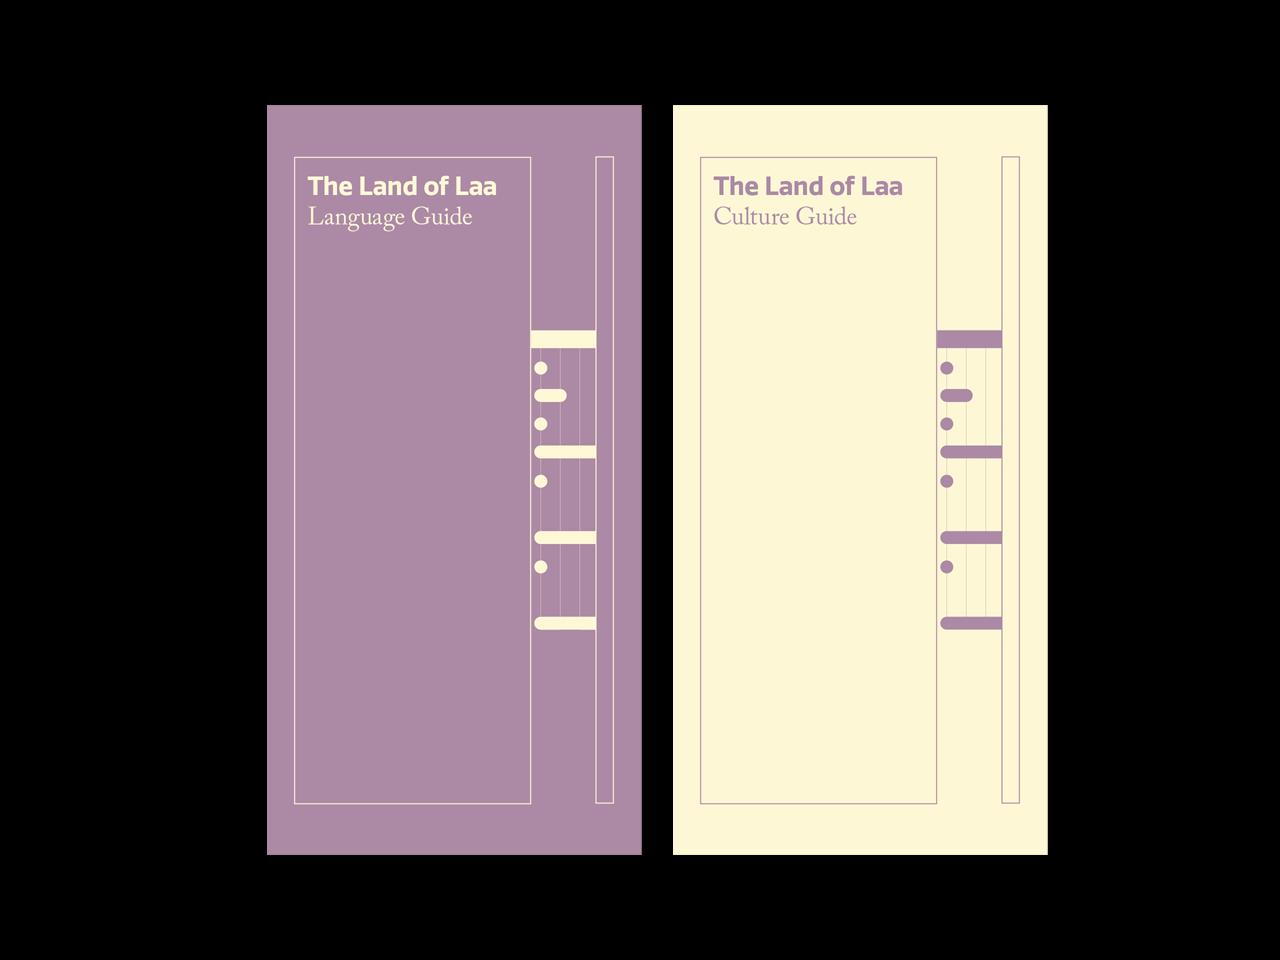 The Land of Laa